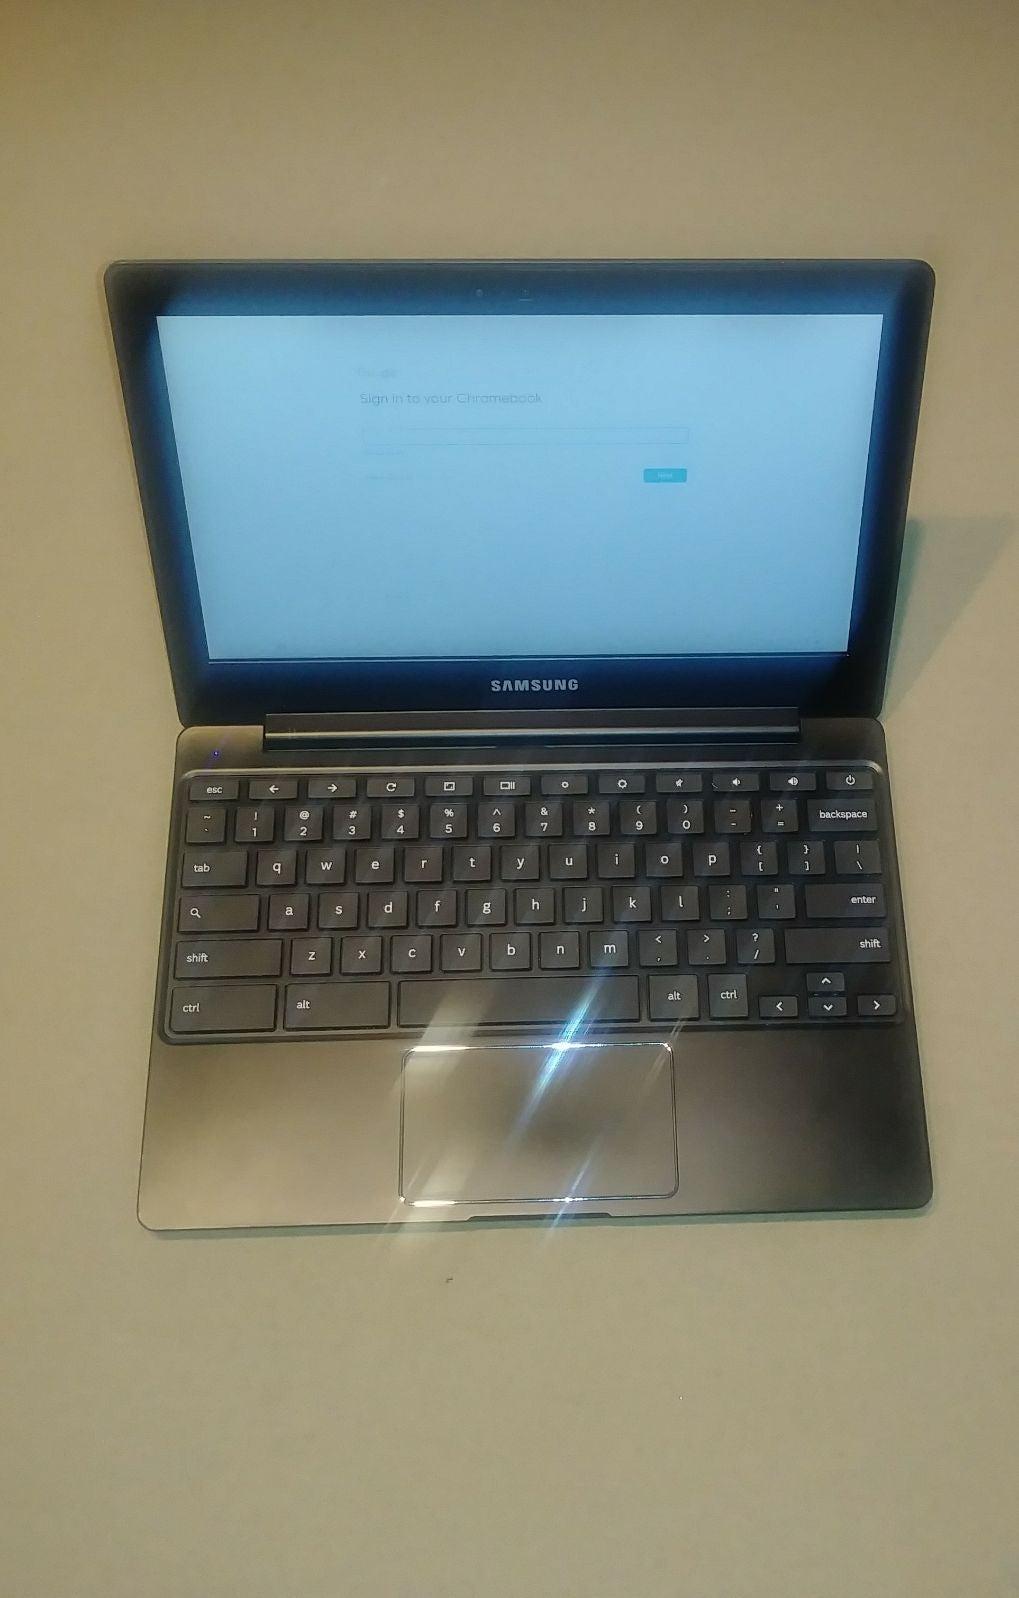 Refurbished Samsung Chromebook XE503C12